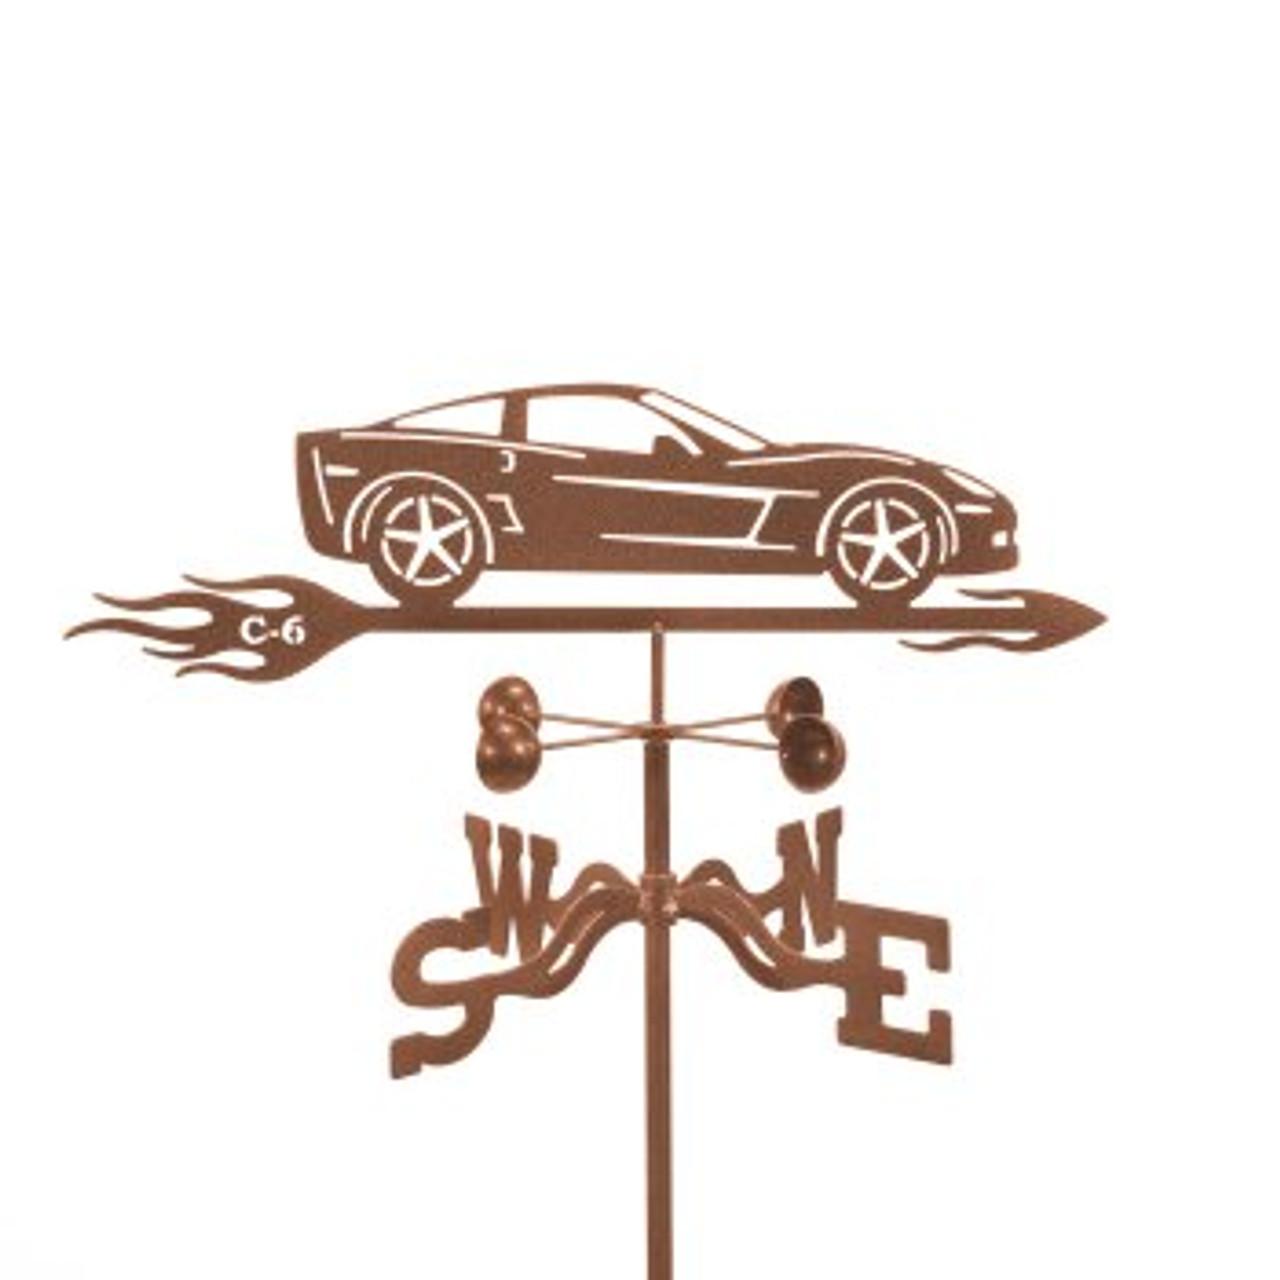 Car-Corvette C6 Weathervane With Mount